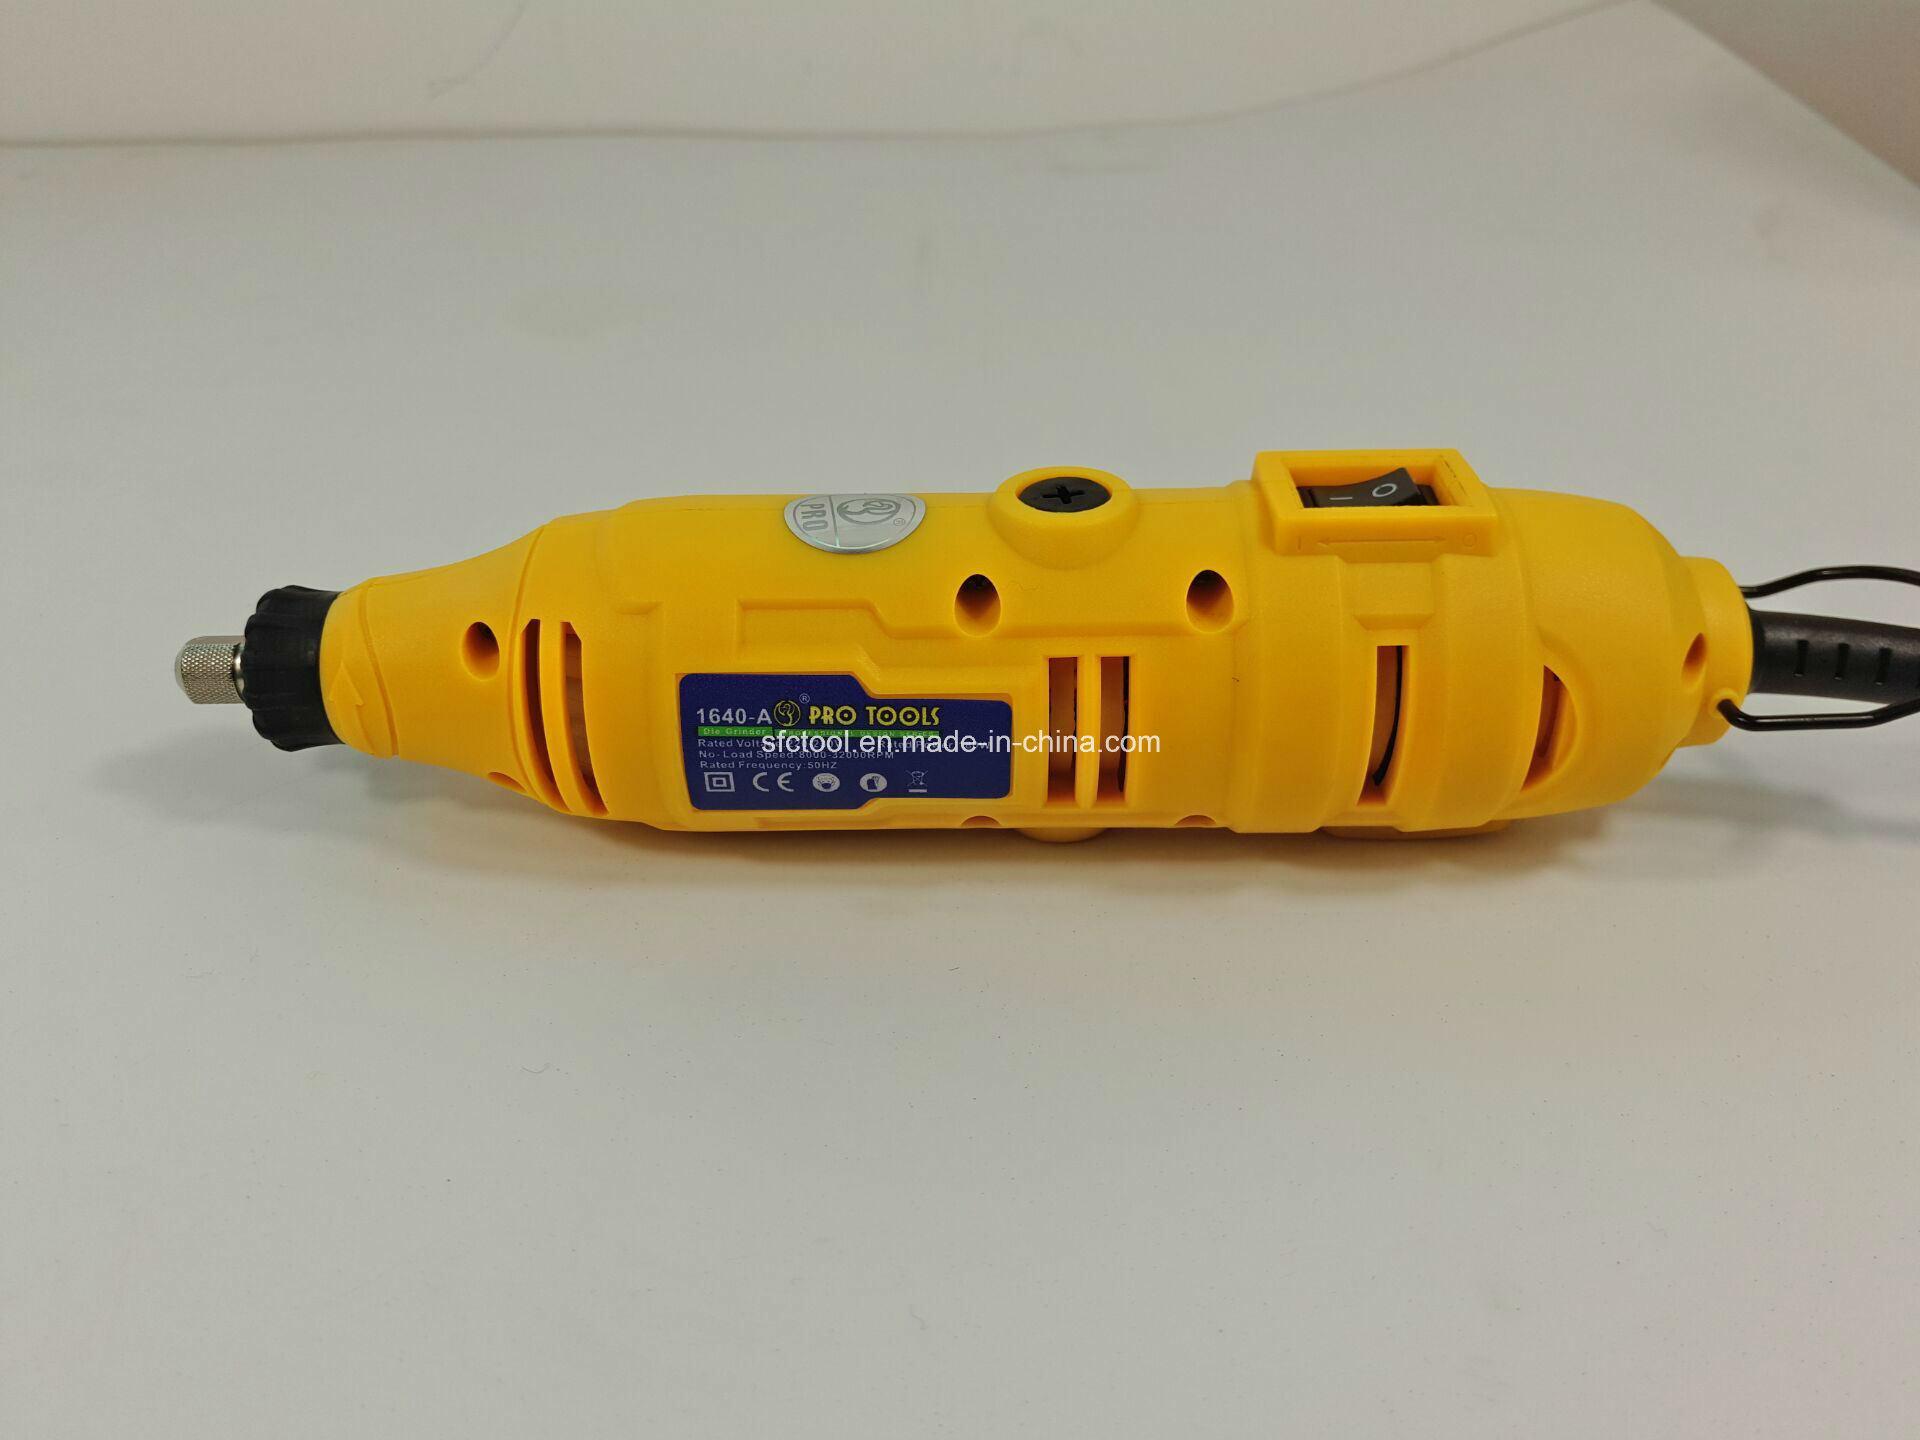 DIY Grinding and Polishing Tool 135W Electric Die Grinder